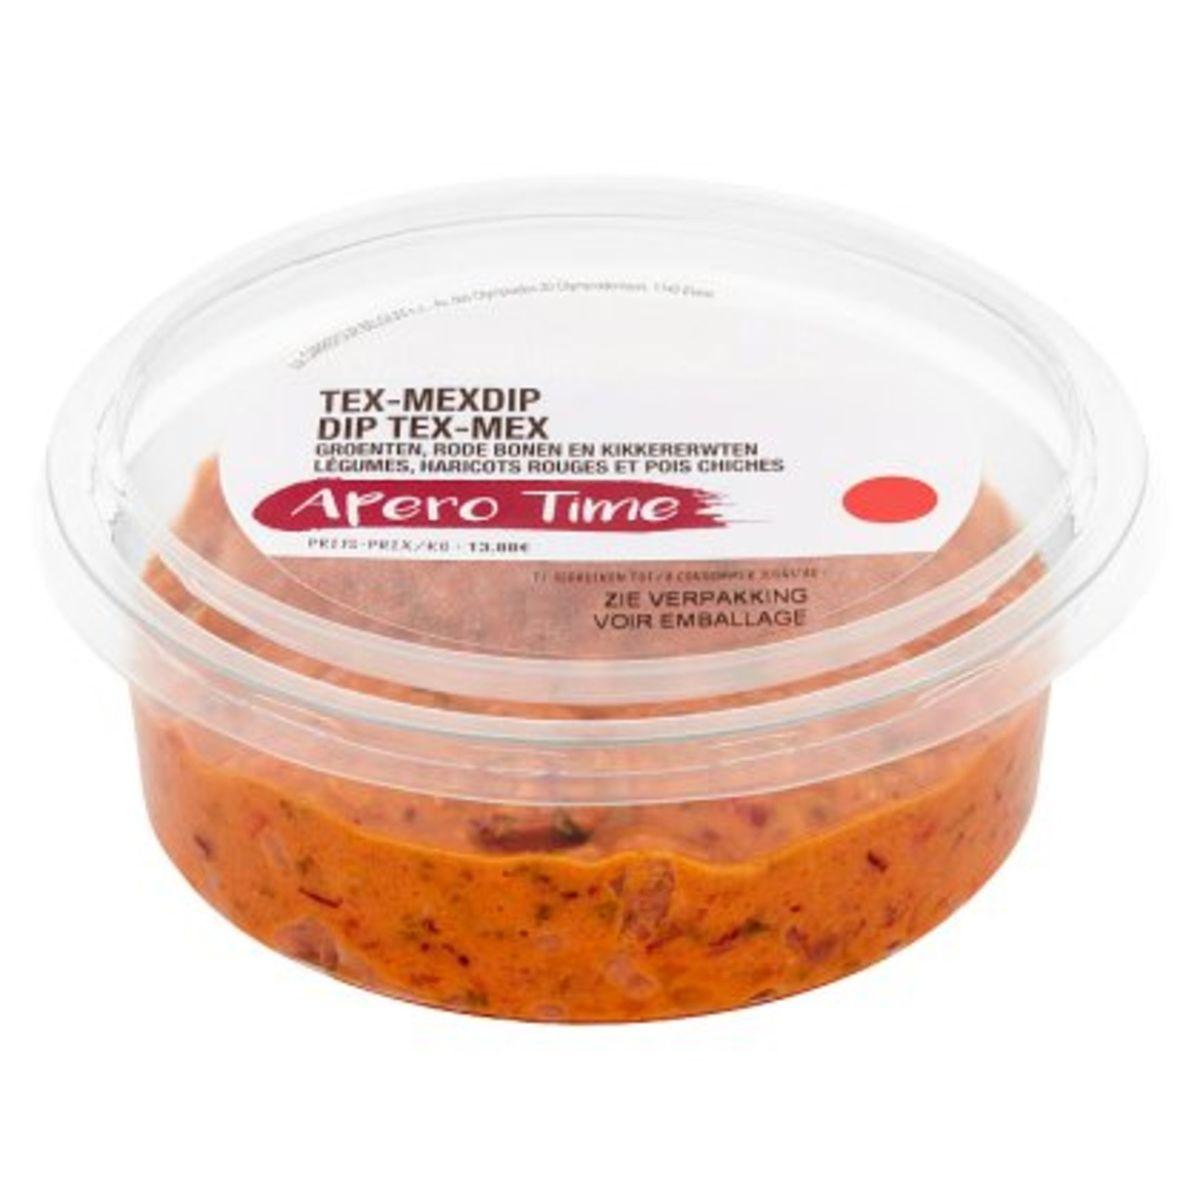 Carrefour Dip Tex-Mex Légumes, Haricots Rouges et Pois Chiches 180 g